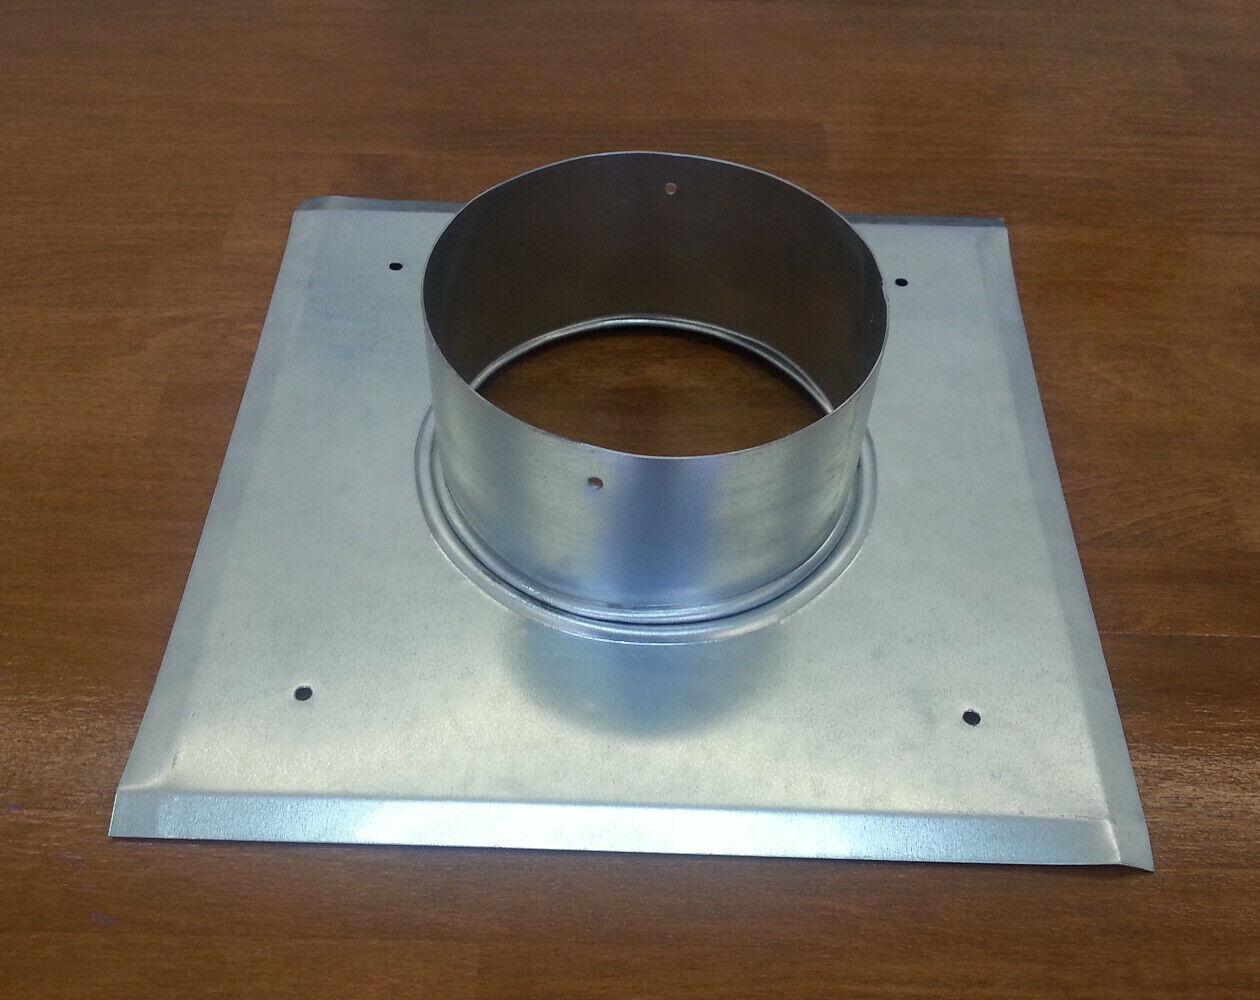 Schornsteinabdeckung Schornsteinaufsatz Edelstahl 150 mm Kaminaufsatz Haube